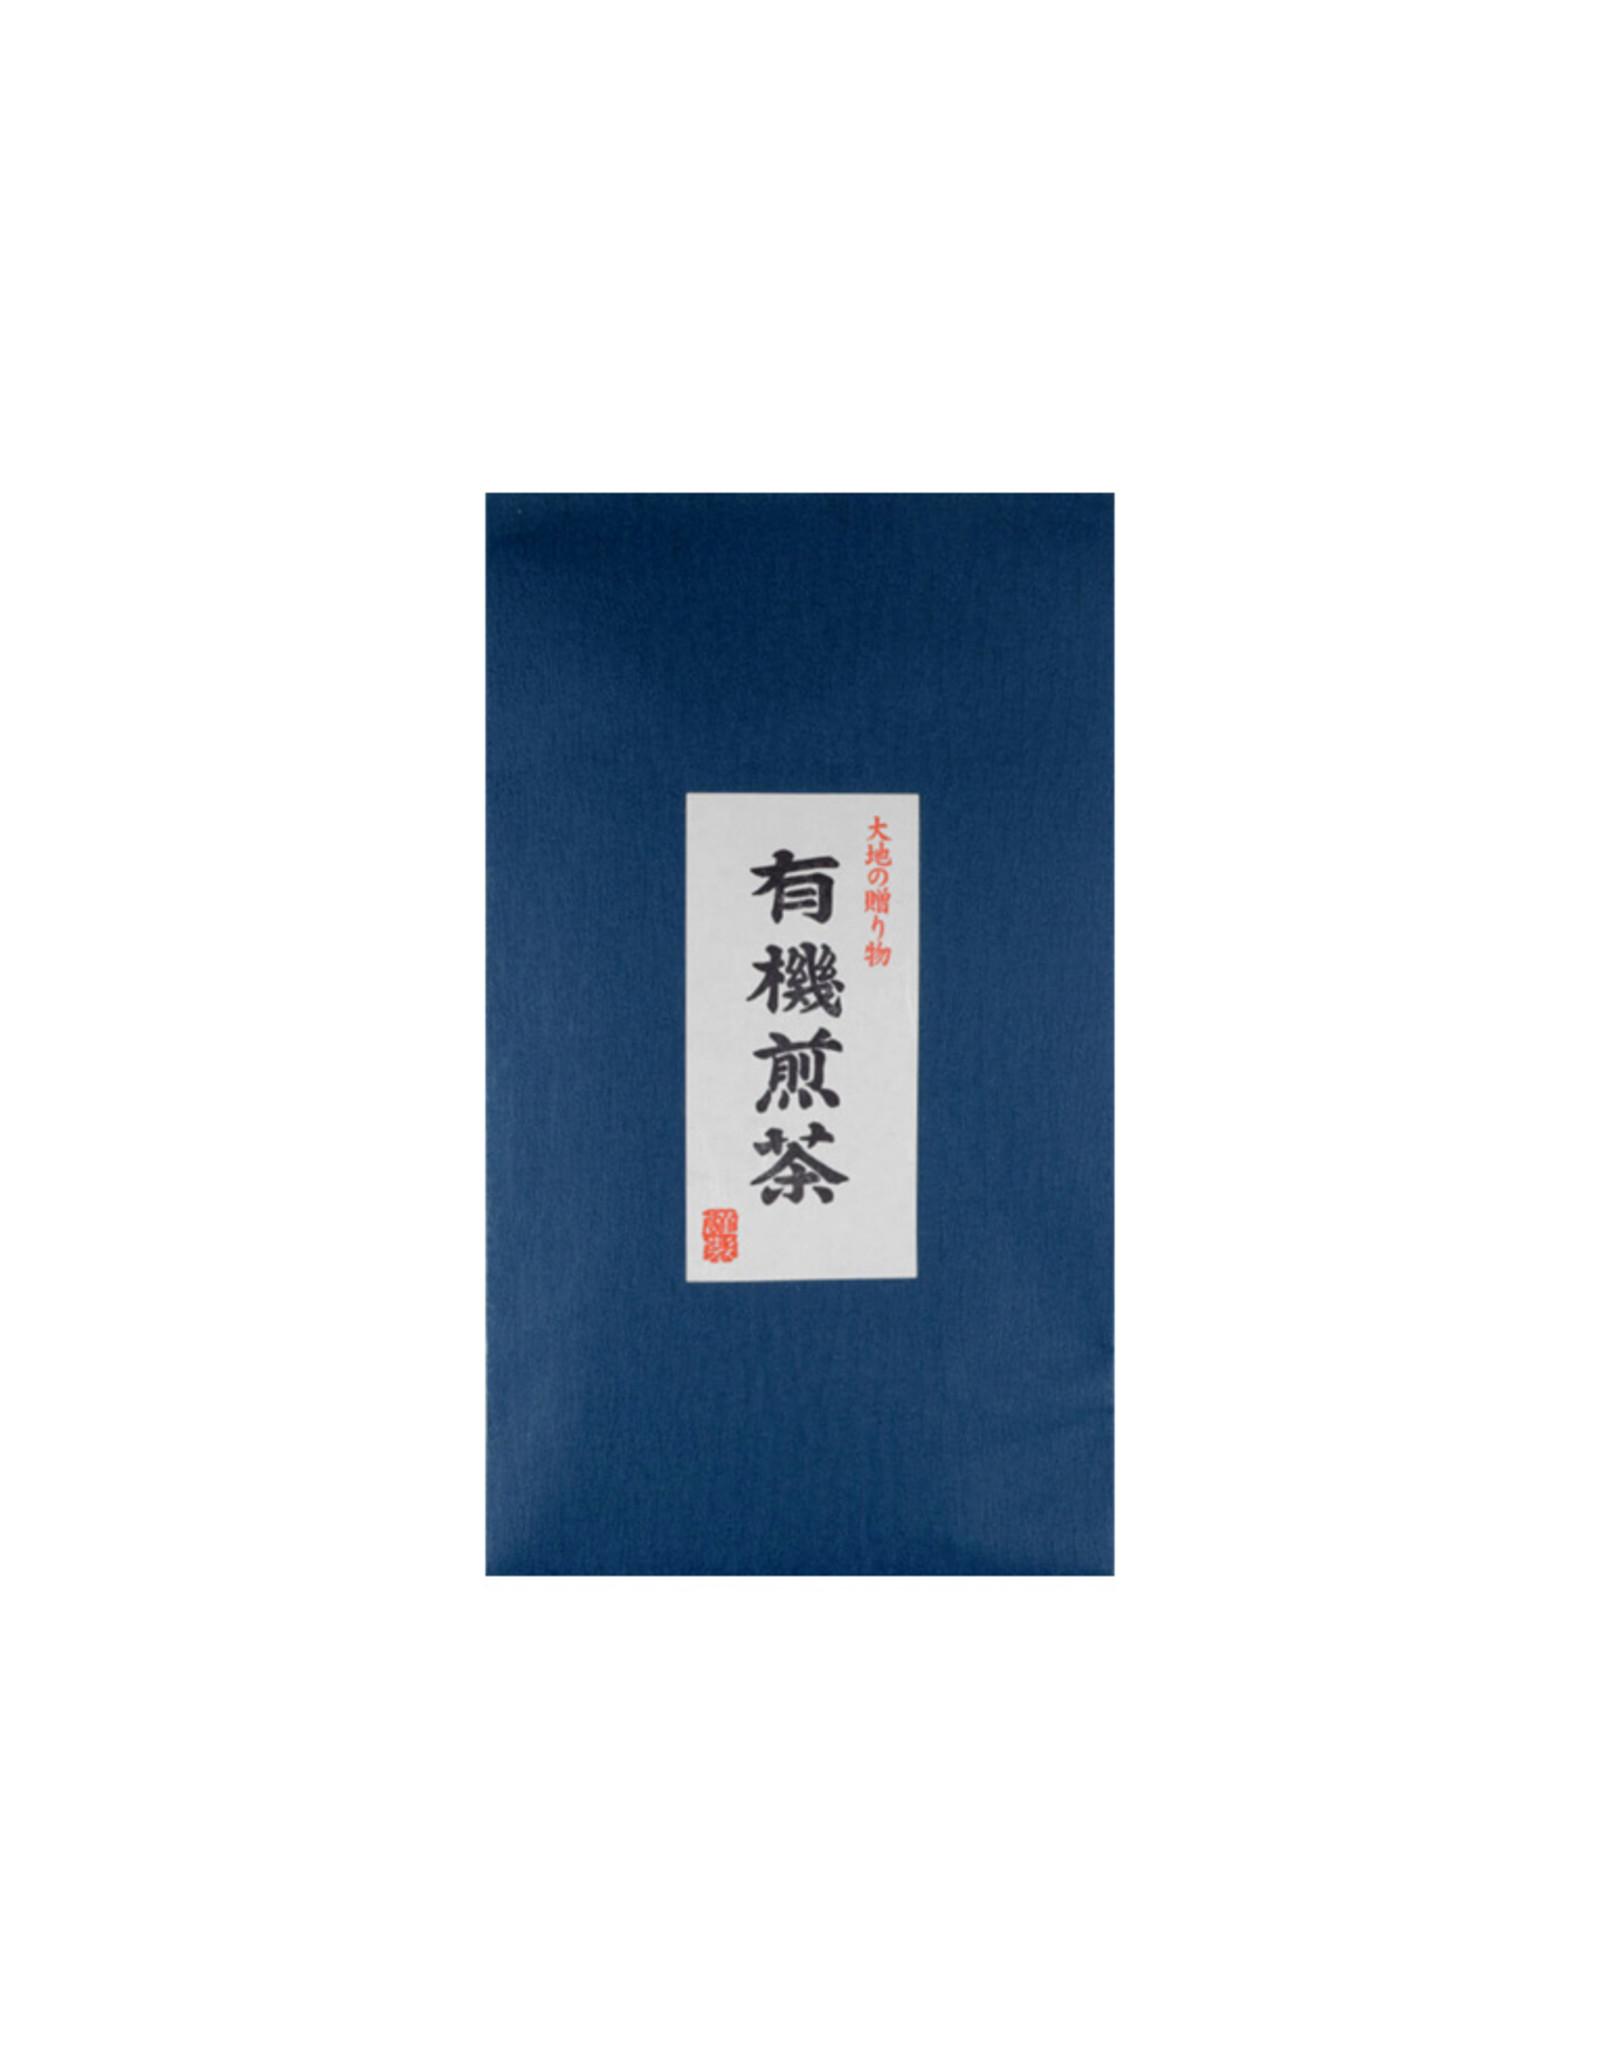 JAPAN SENCHA KIRISHIMA BIO 50g